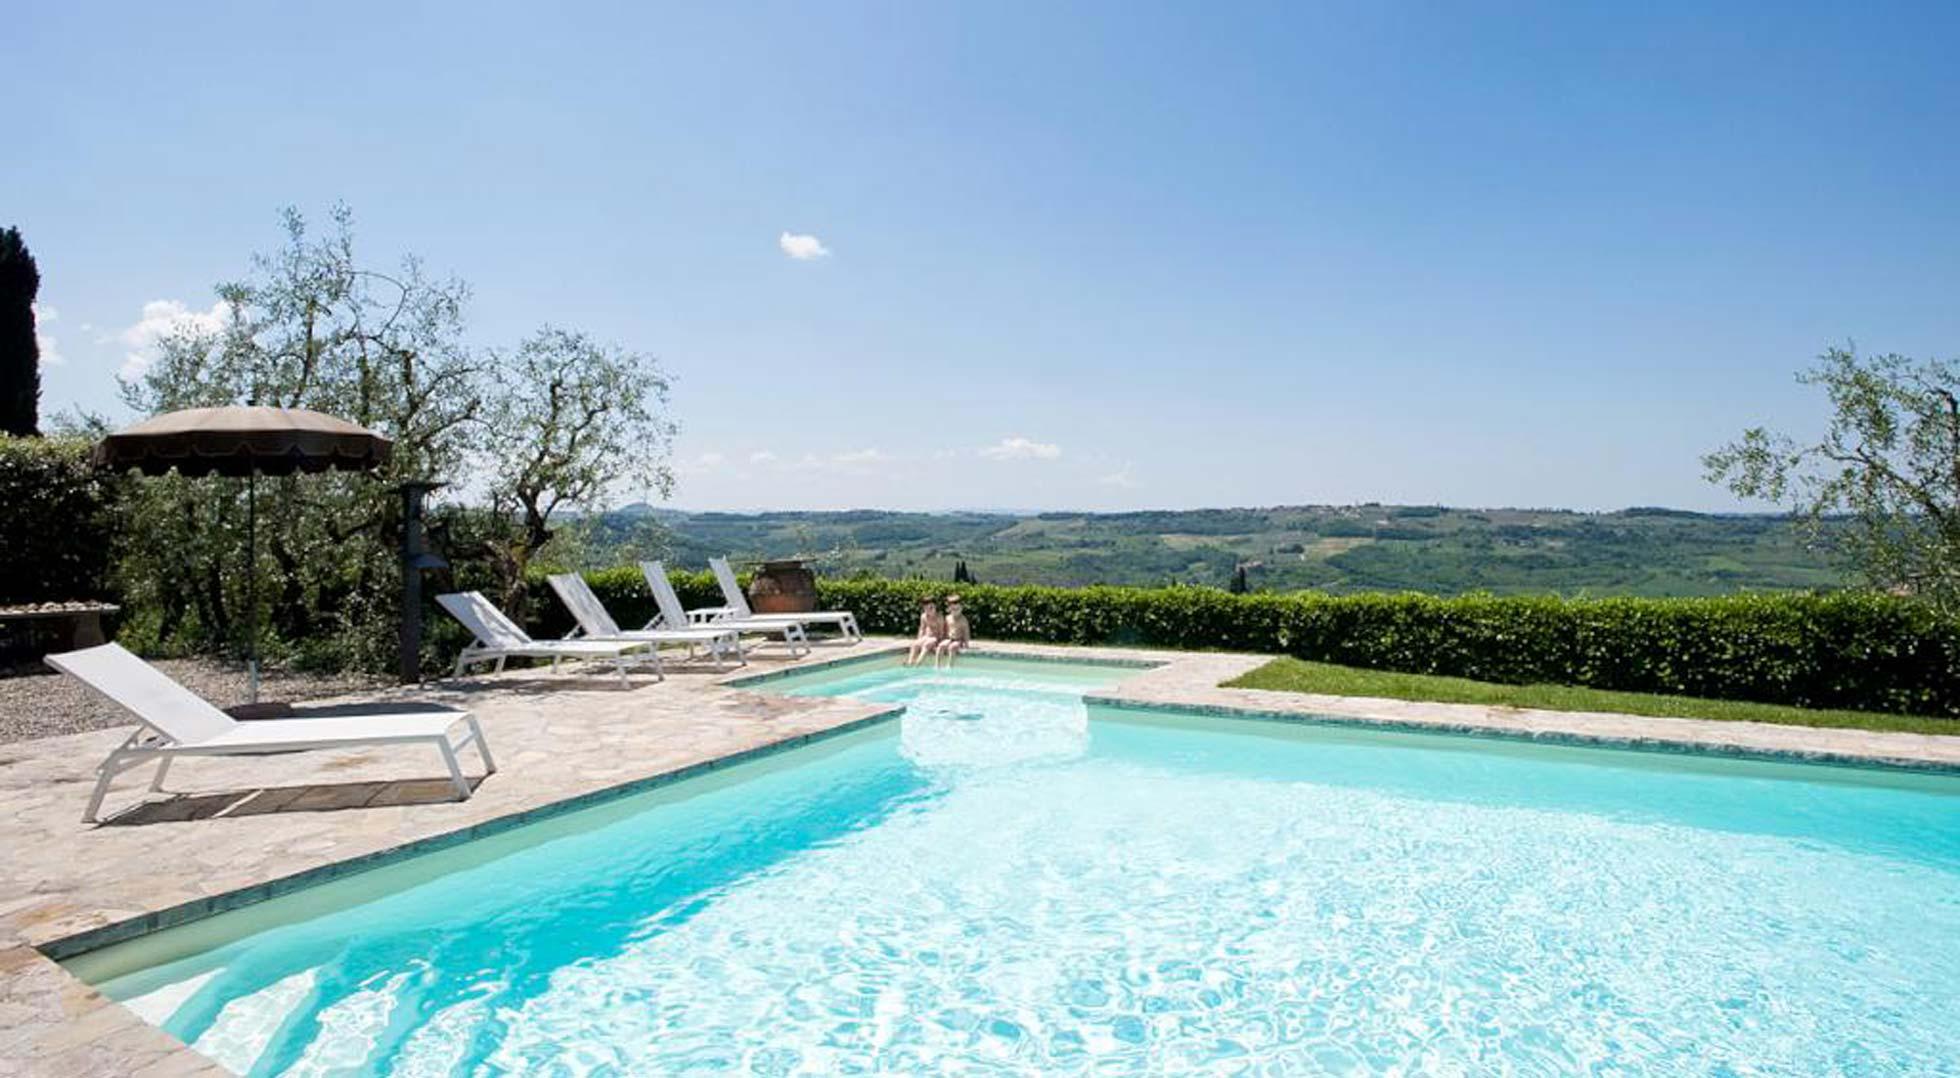 Agriturismo con piscina san casciano resort nel chianti villa i barronci resort spa - Agriturismo san gimignano con piscina ...